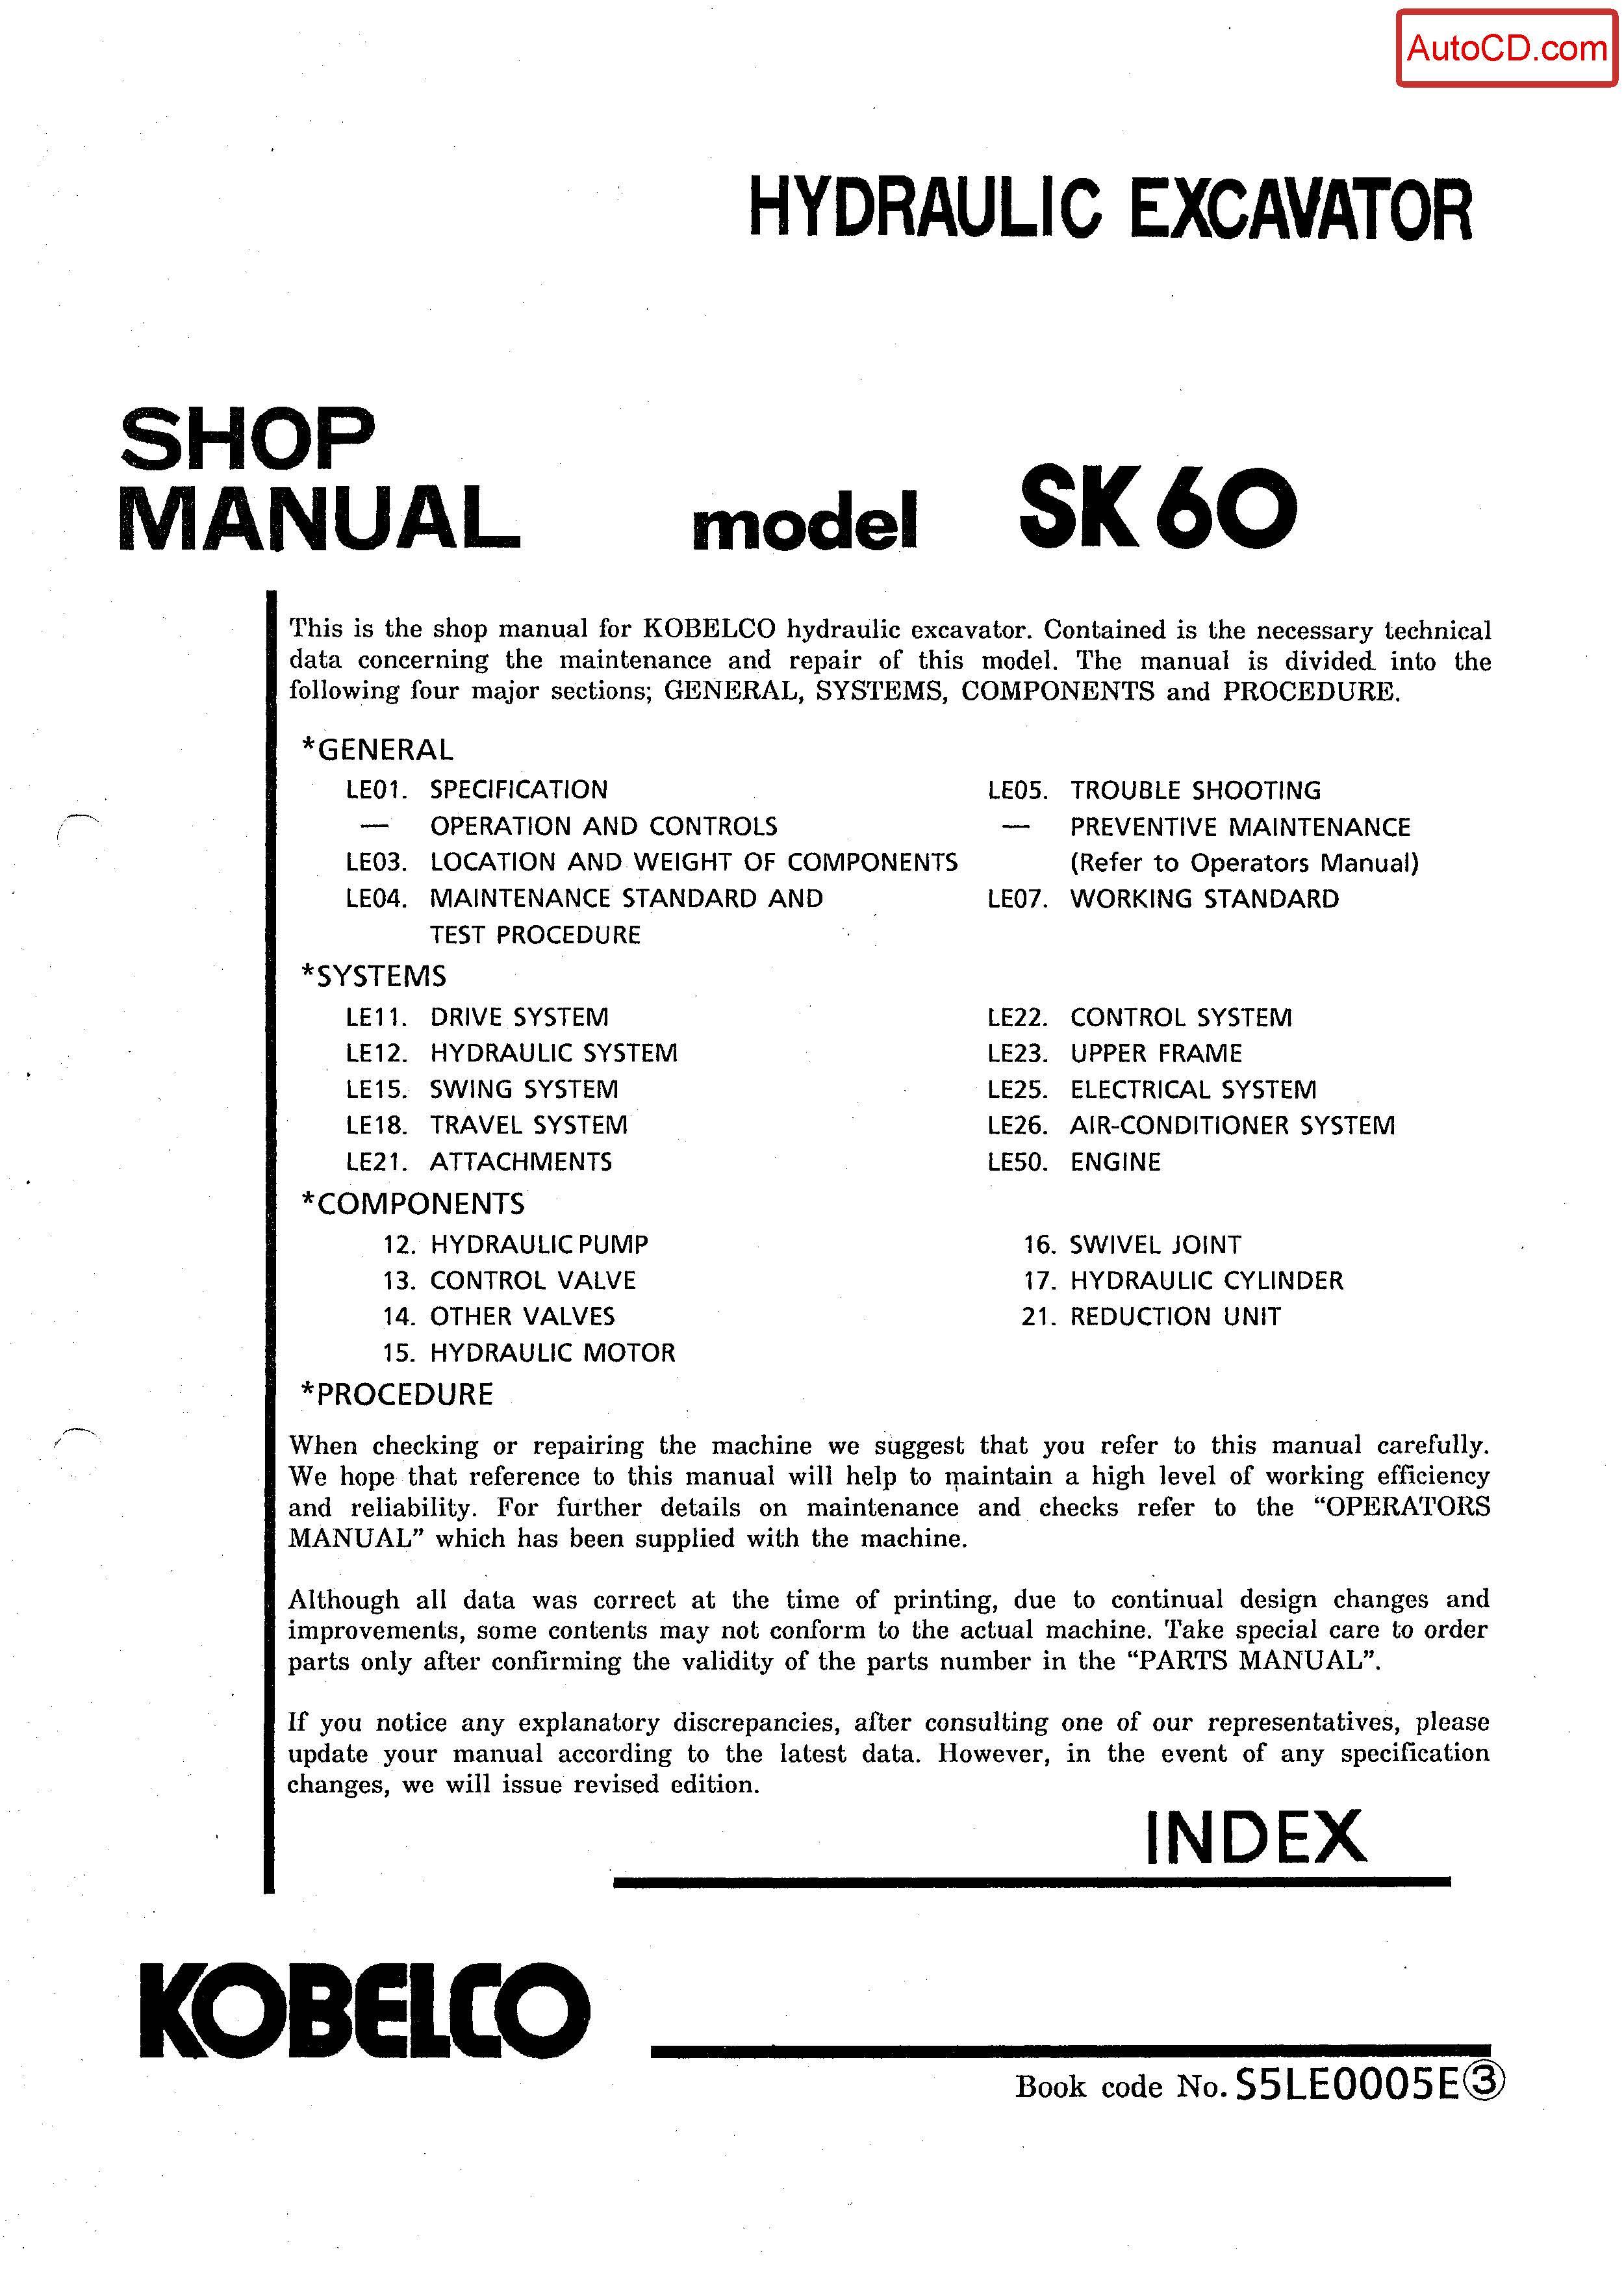 หนังสือ คู่มือซ่อม Kobelco Hydraulic Excavator SK60 (ข้อมูลทั่วไป ค่าสเปคต่างๆ วงจรไฟฟ้า วงจรไฮดรอลิกส์)